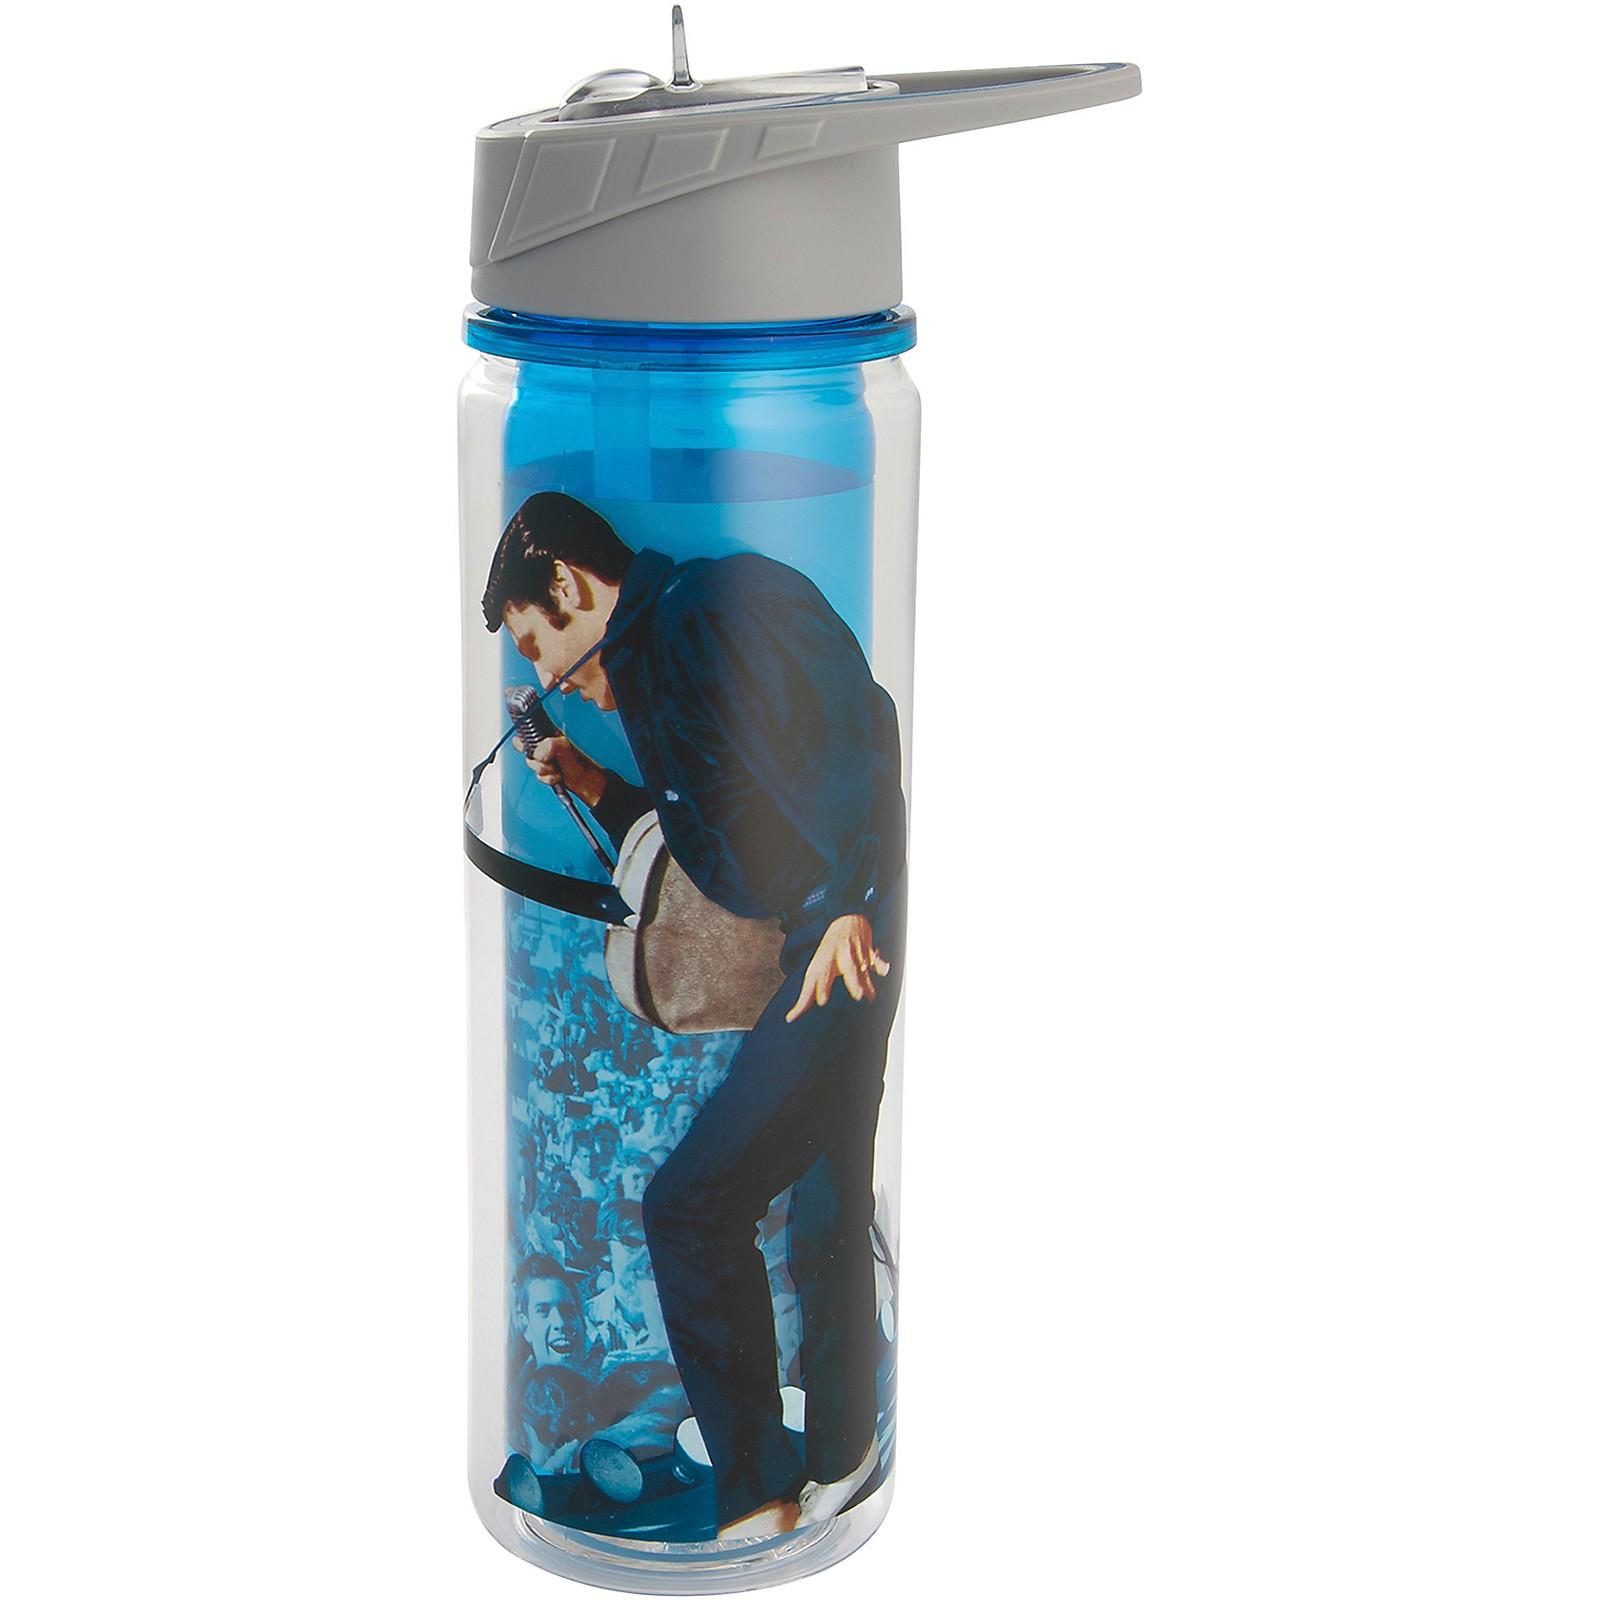 Vandor Elvis Presley 18 oz. Tritan Water Bottle